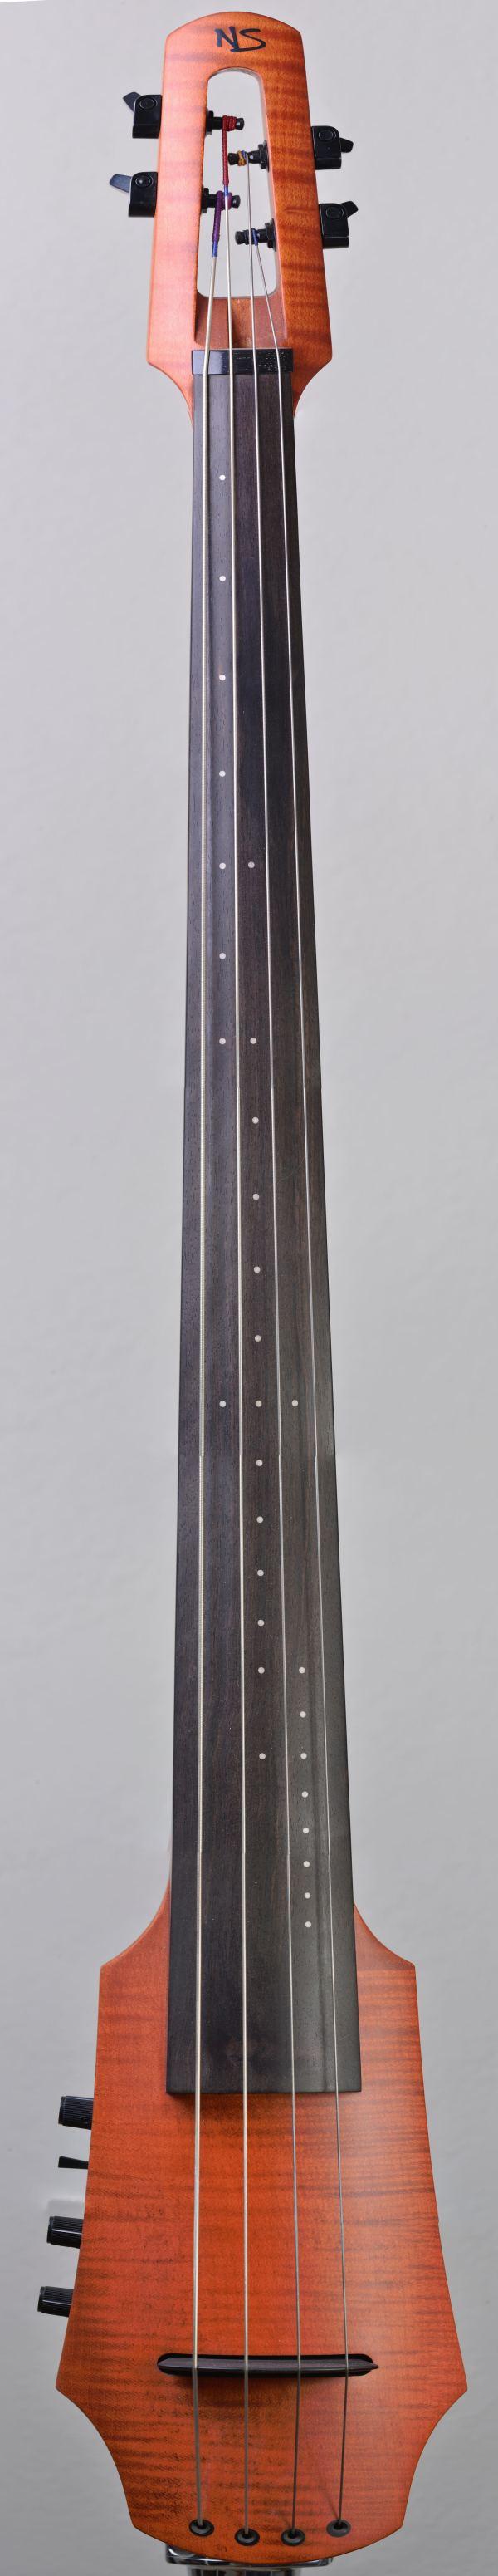 Cello Mosaic test image